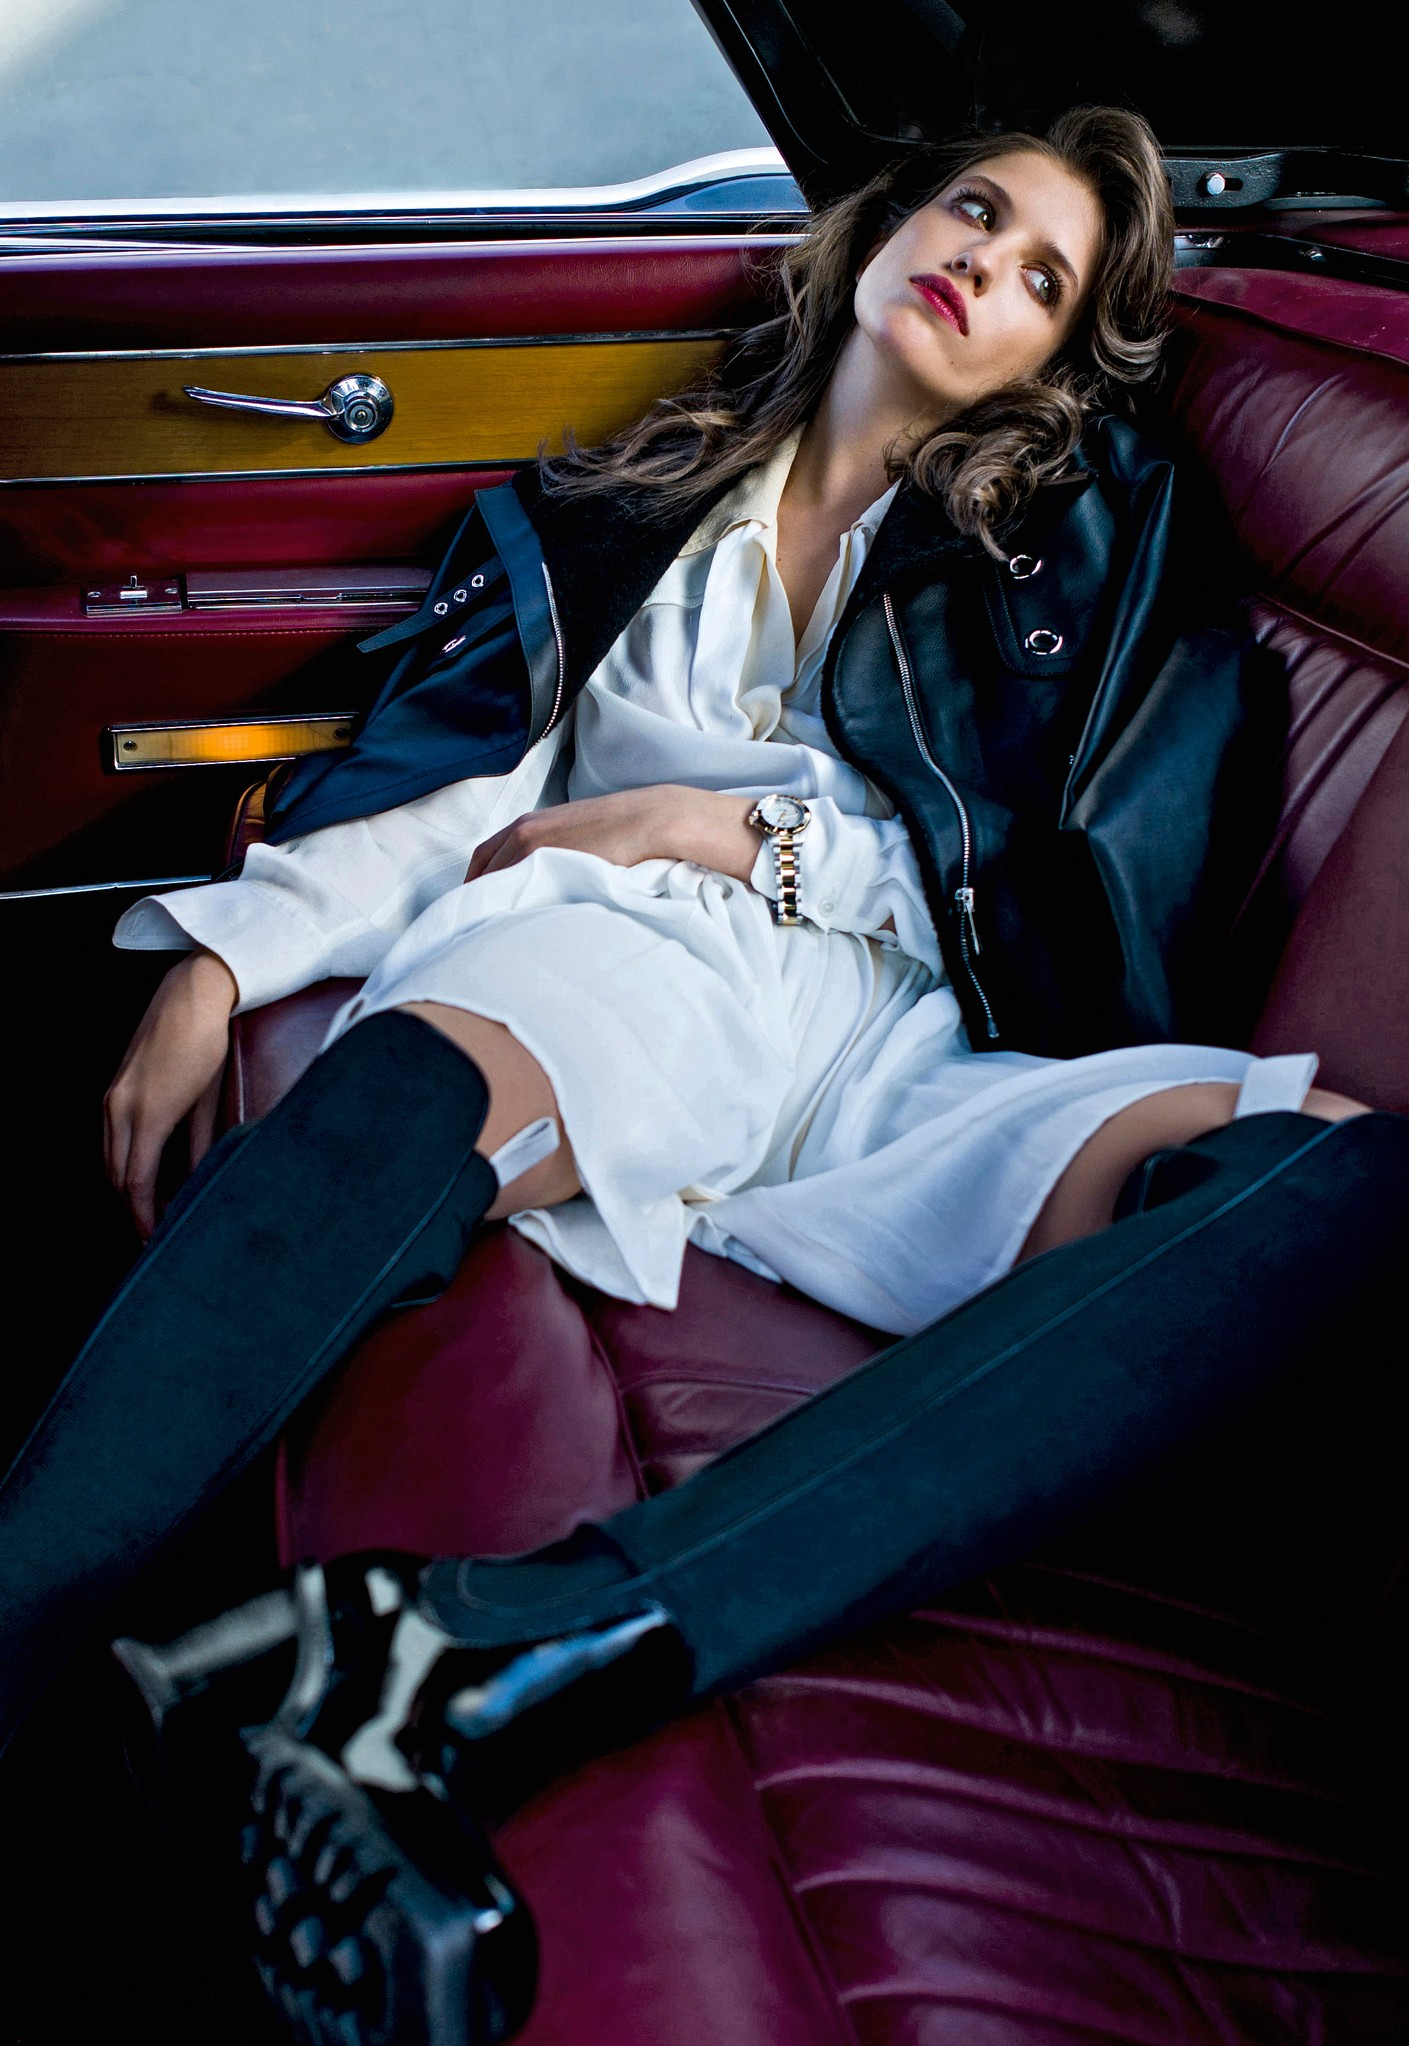 куртка Hermes,  платье иботфрты Louis Vuitton, часы TAG Heuer Aquaracer